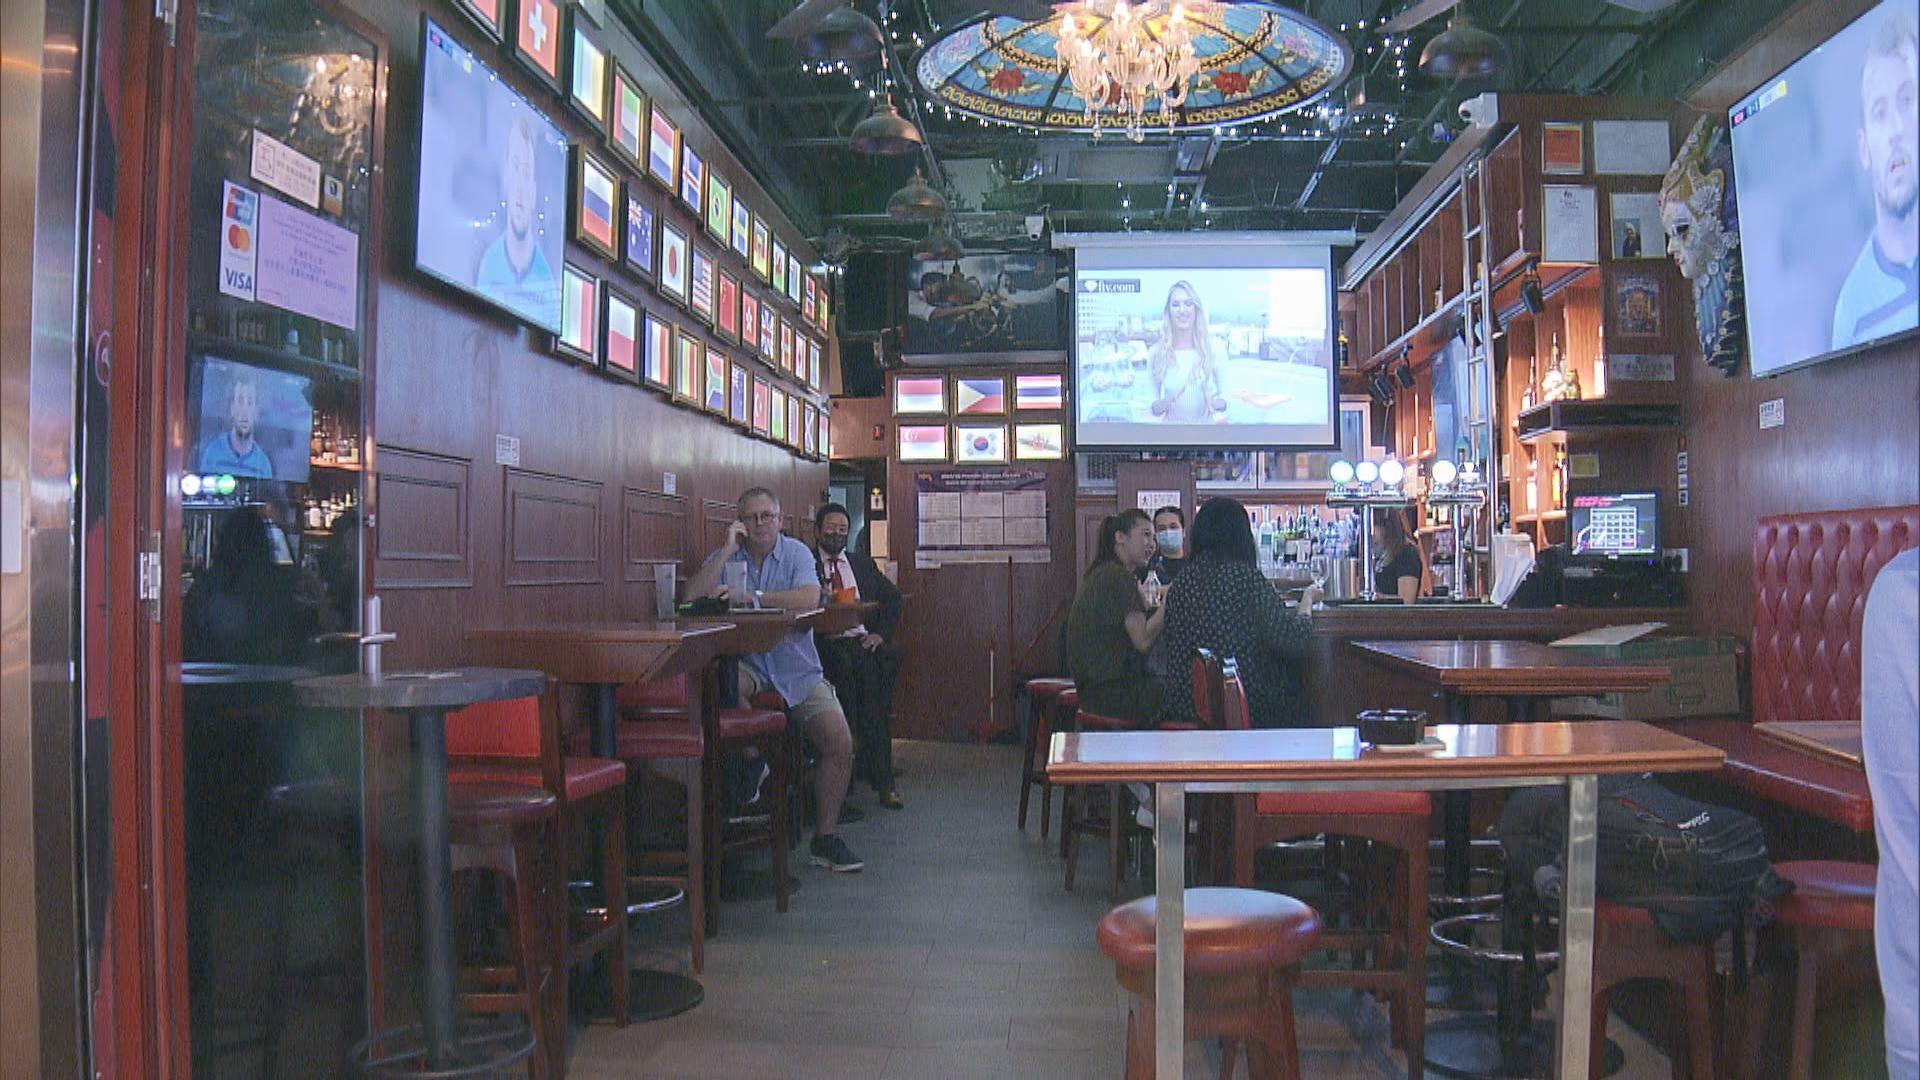 入夜後灣仔多間酒吧仍有人飲酒消遣